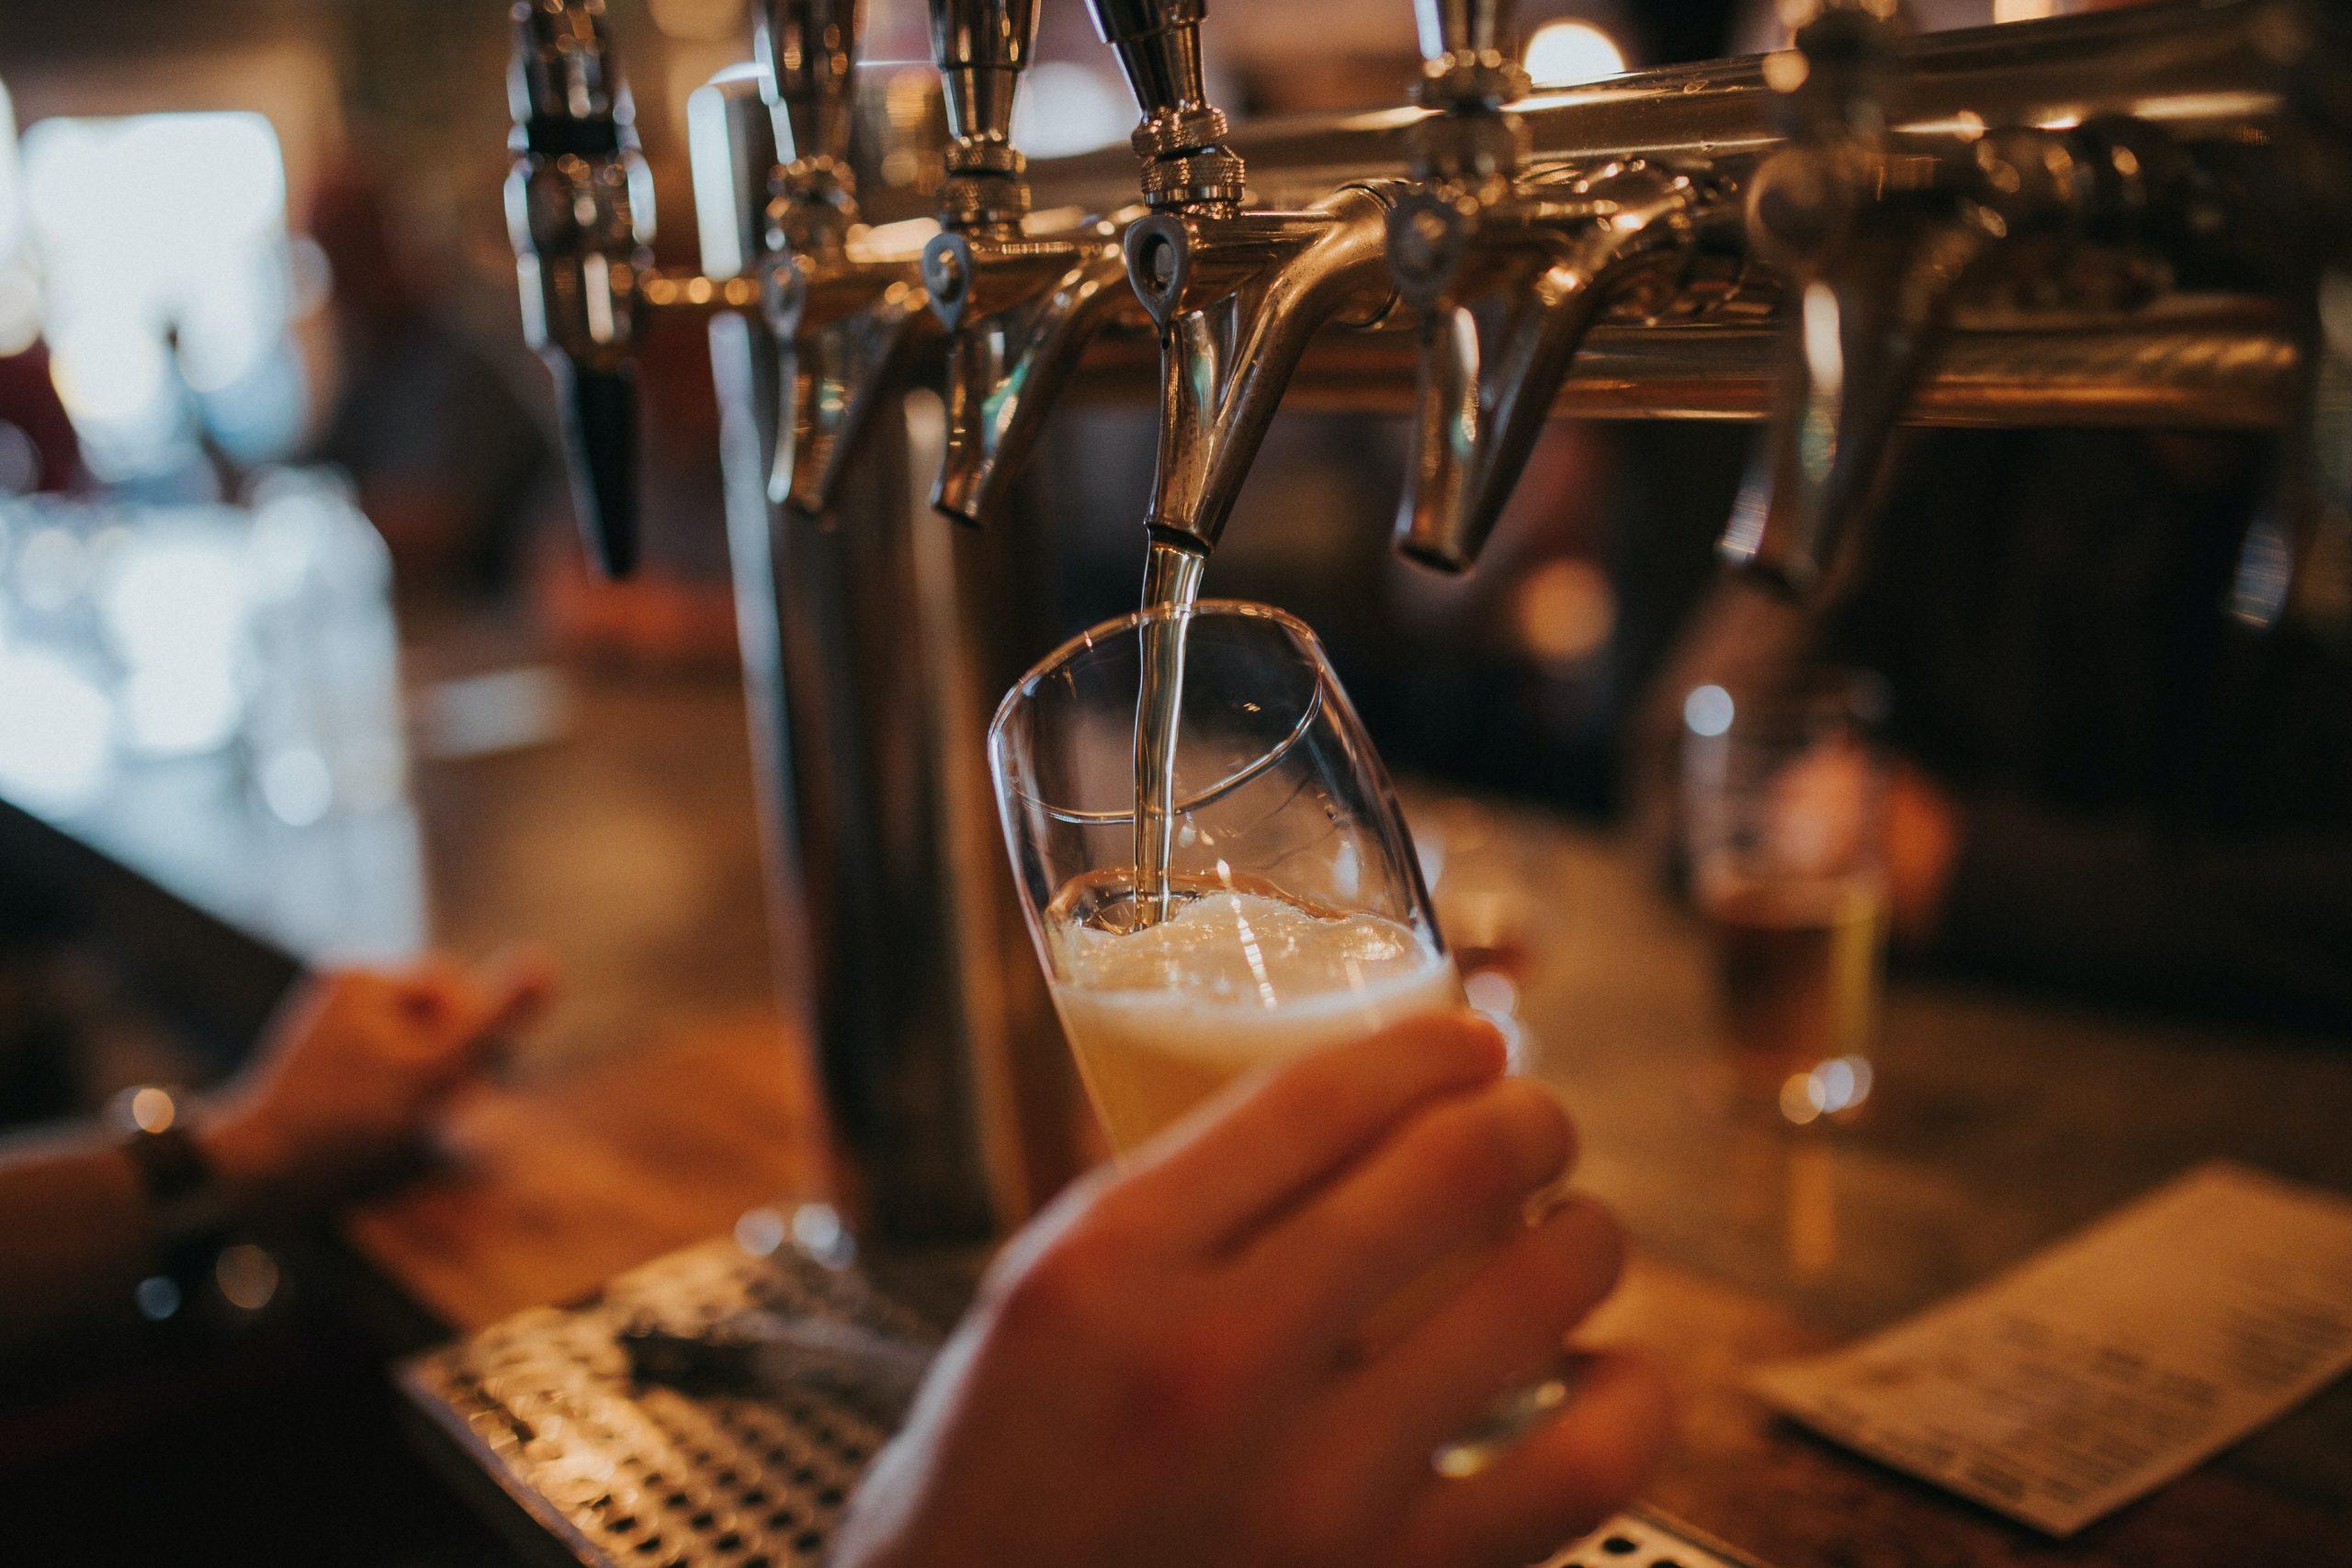 Justiça mantém proibido o consumo de bebidas alcoólicas em bares e restaurantes